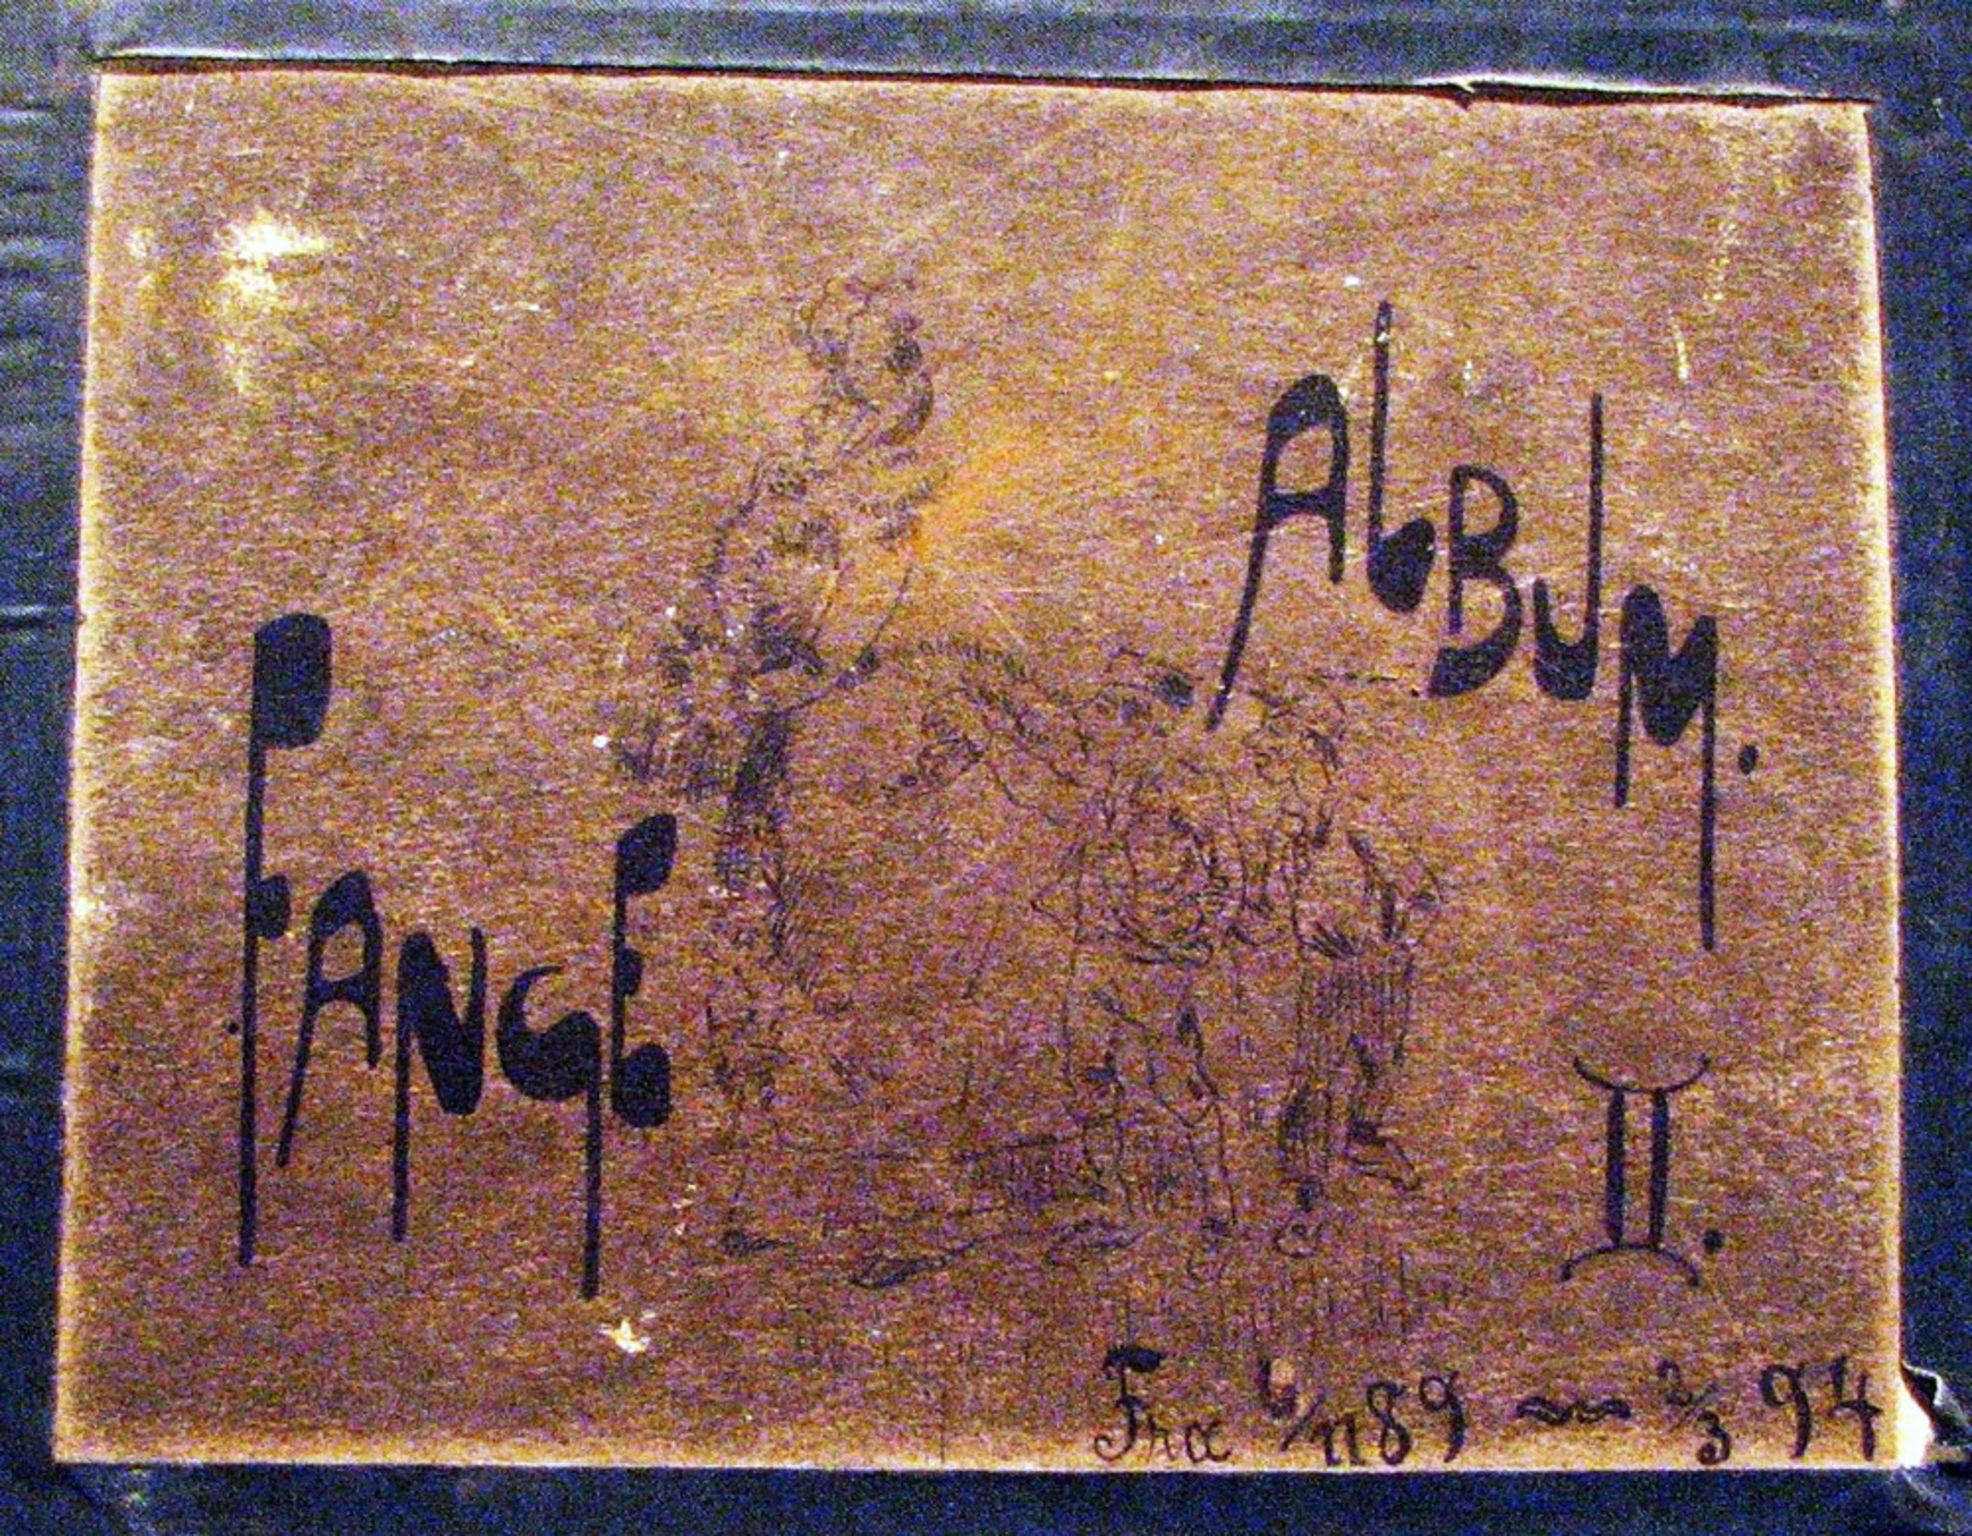 RA, Botsfengslet, U/L0062: Fangealbum (fotos), 1889-1894